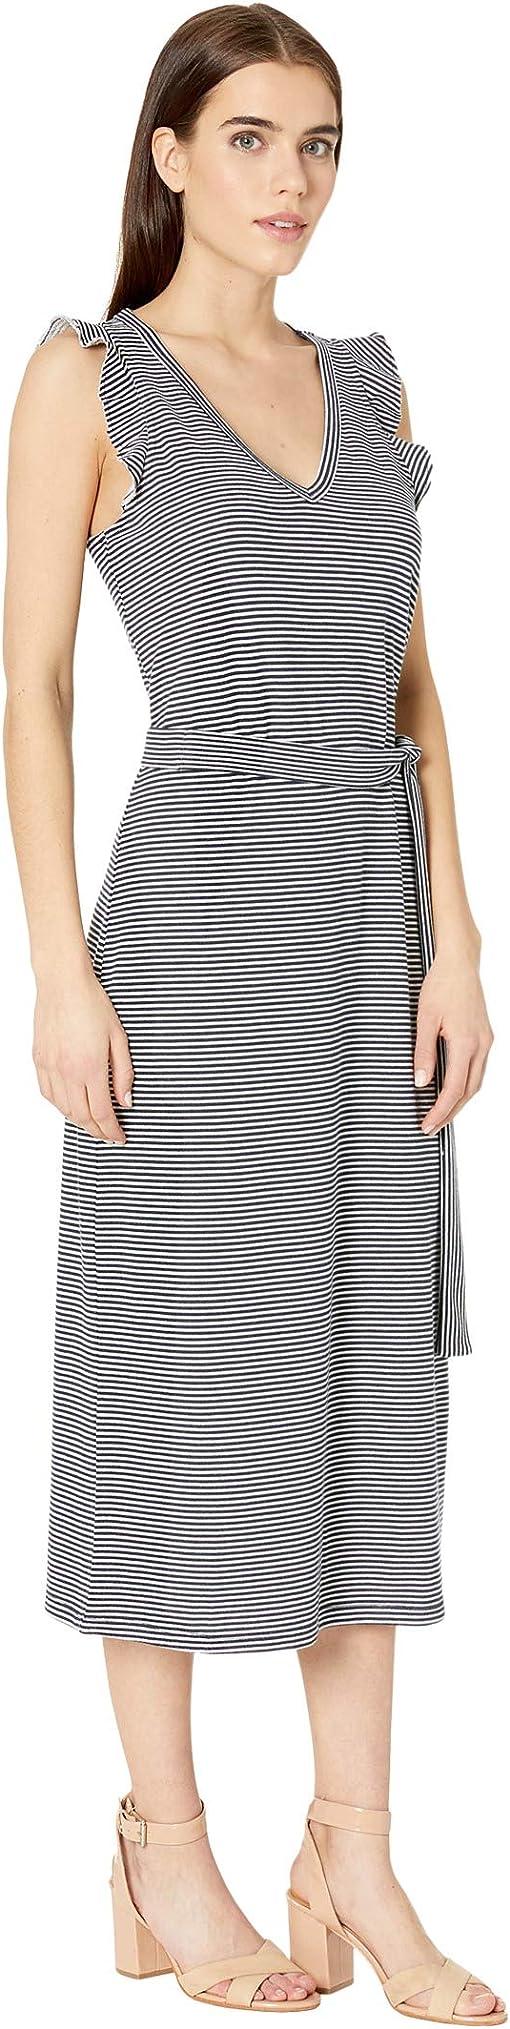 Navy/White Stripe